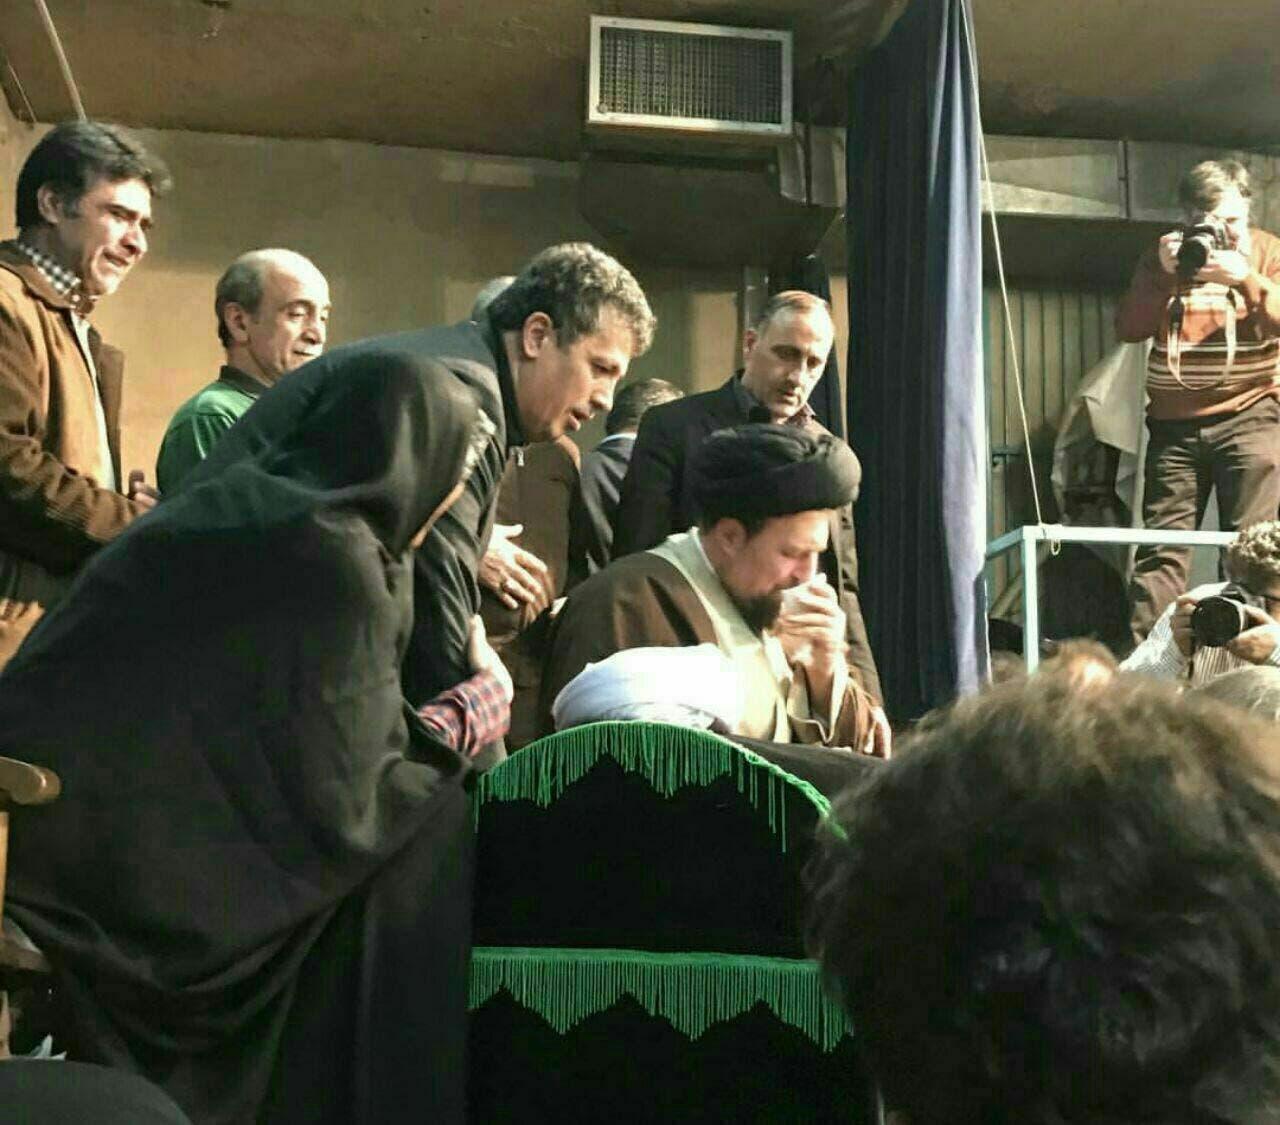 حسن الخميني وعائلة رفسنجاني يقفون فوق نعشه